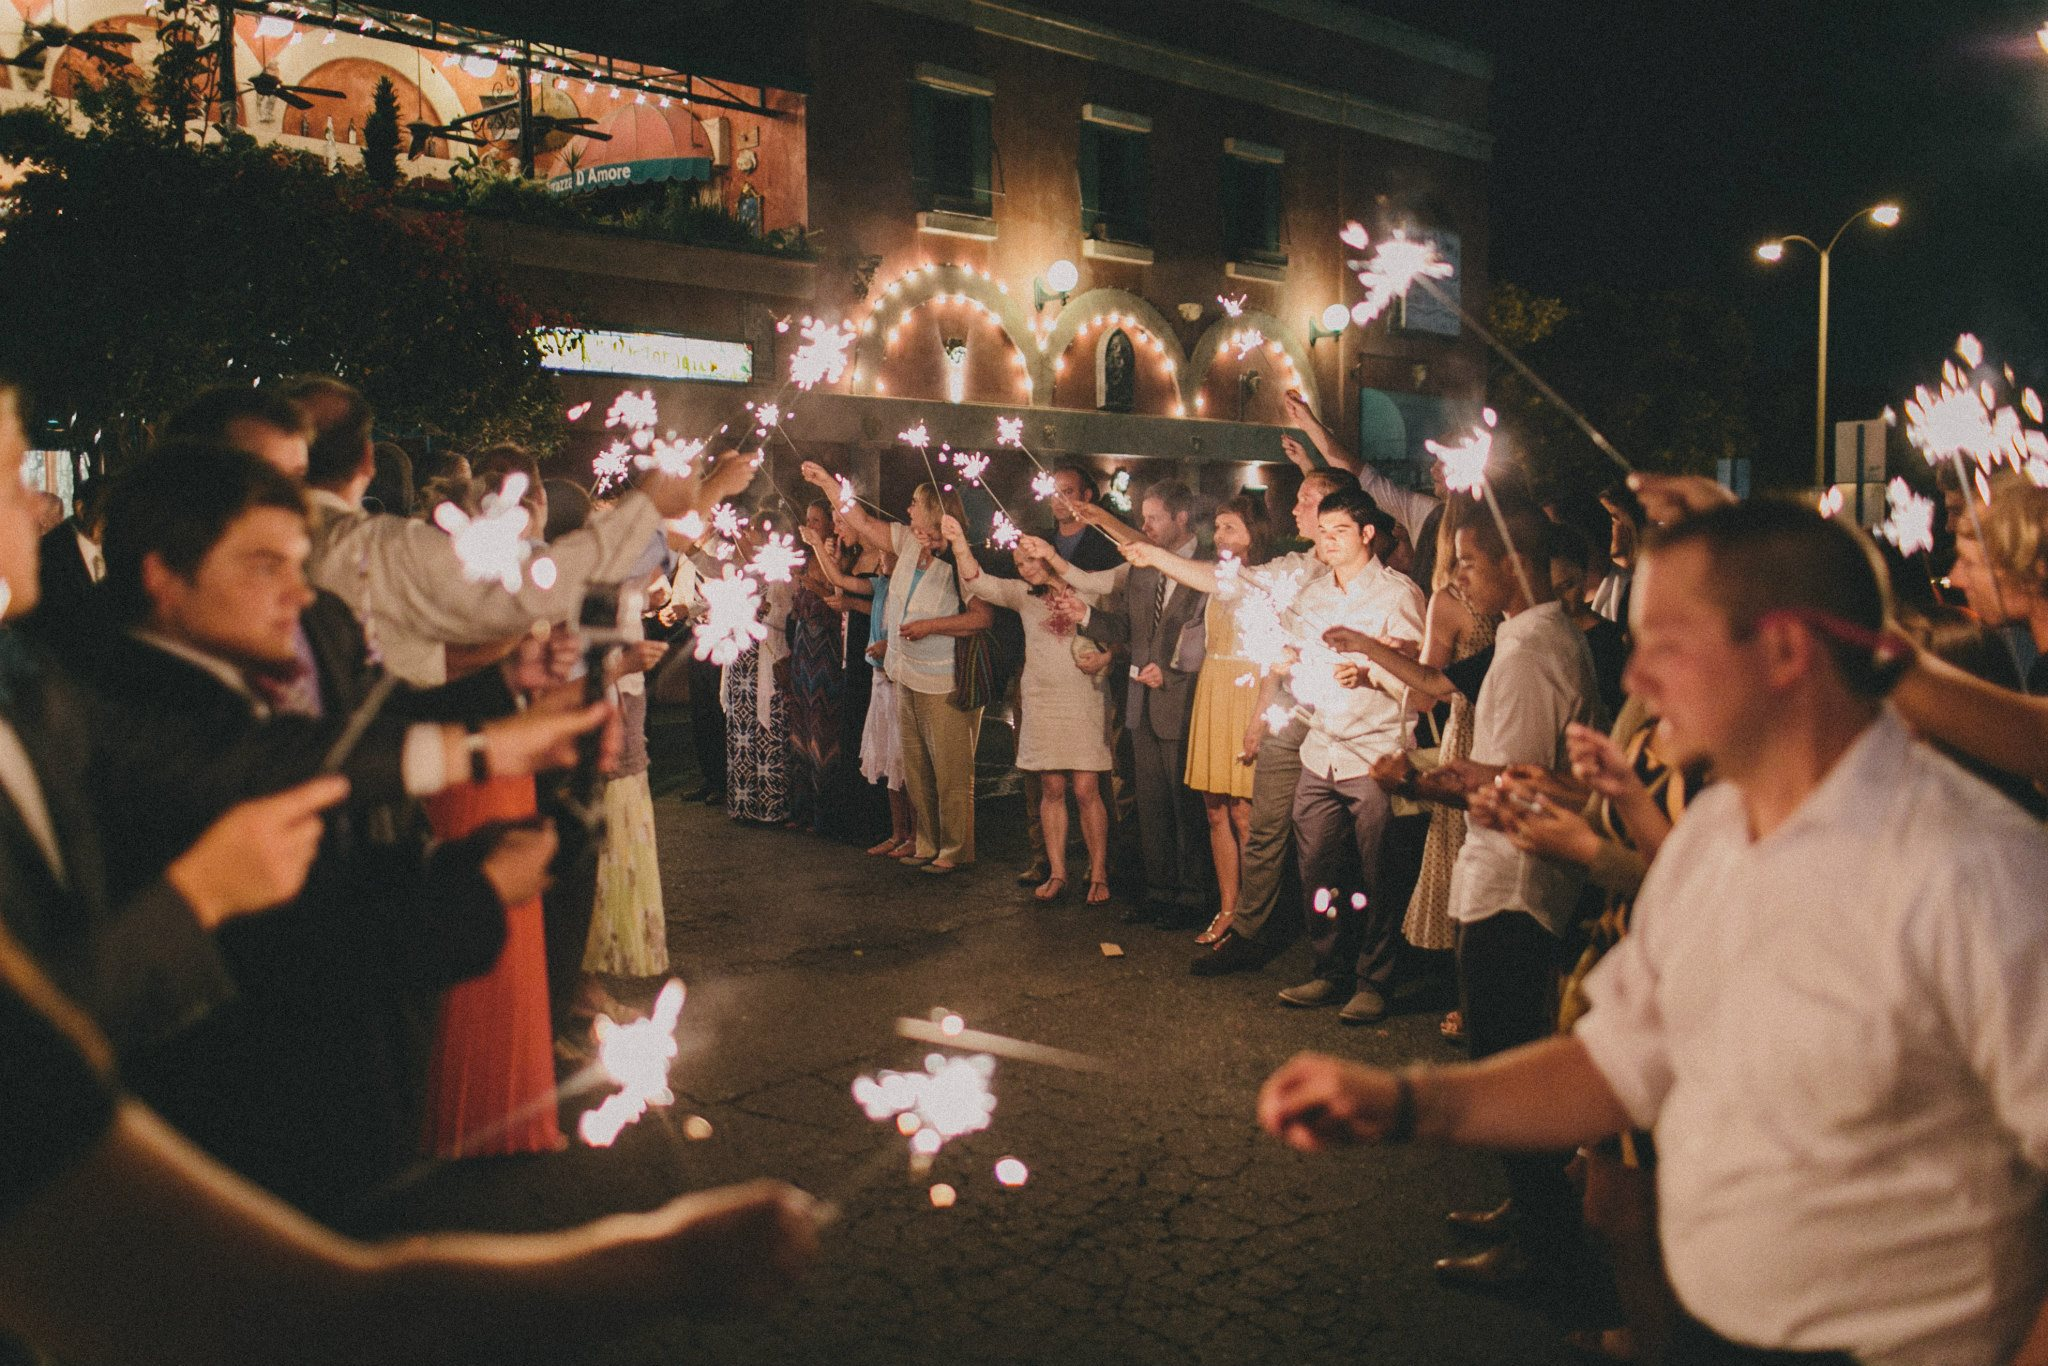 Long Sparklers Extra Large Sparklers Wedding Sparklers Outlet